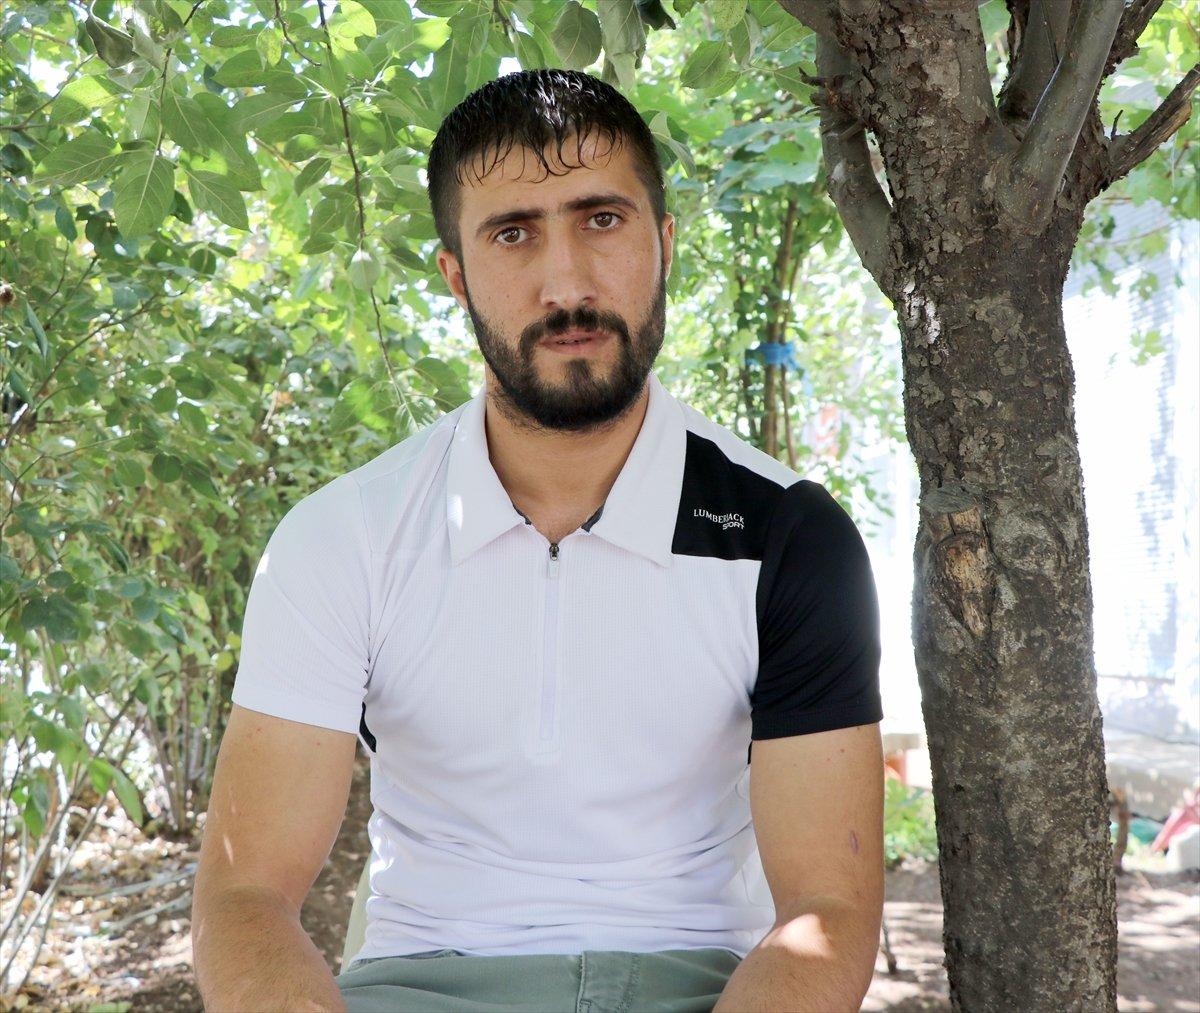 Diyarbakır da hıçkırık nöbeti geçiren genç: Yardım istiyorum #1